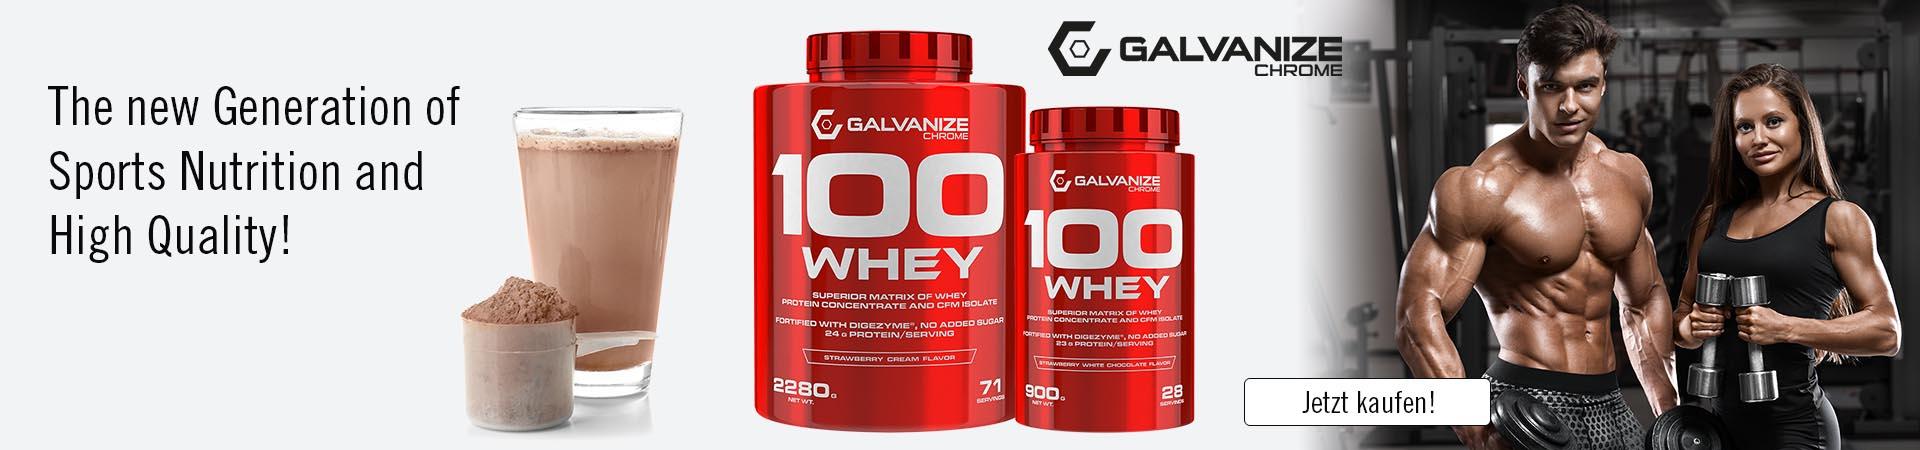 Galvanize 100 Whey